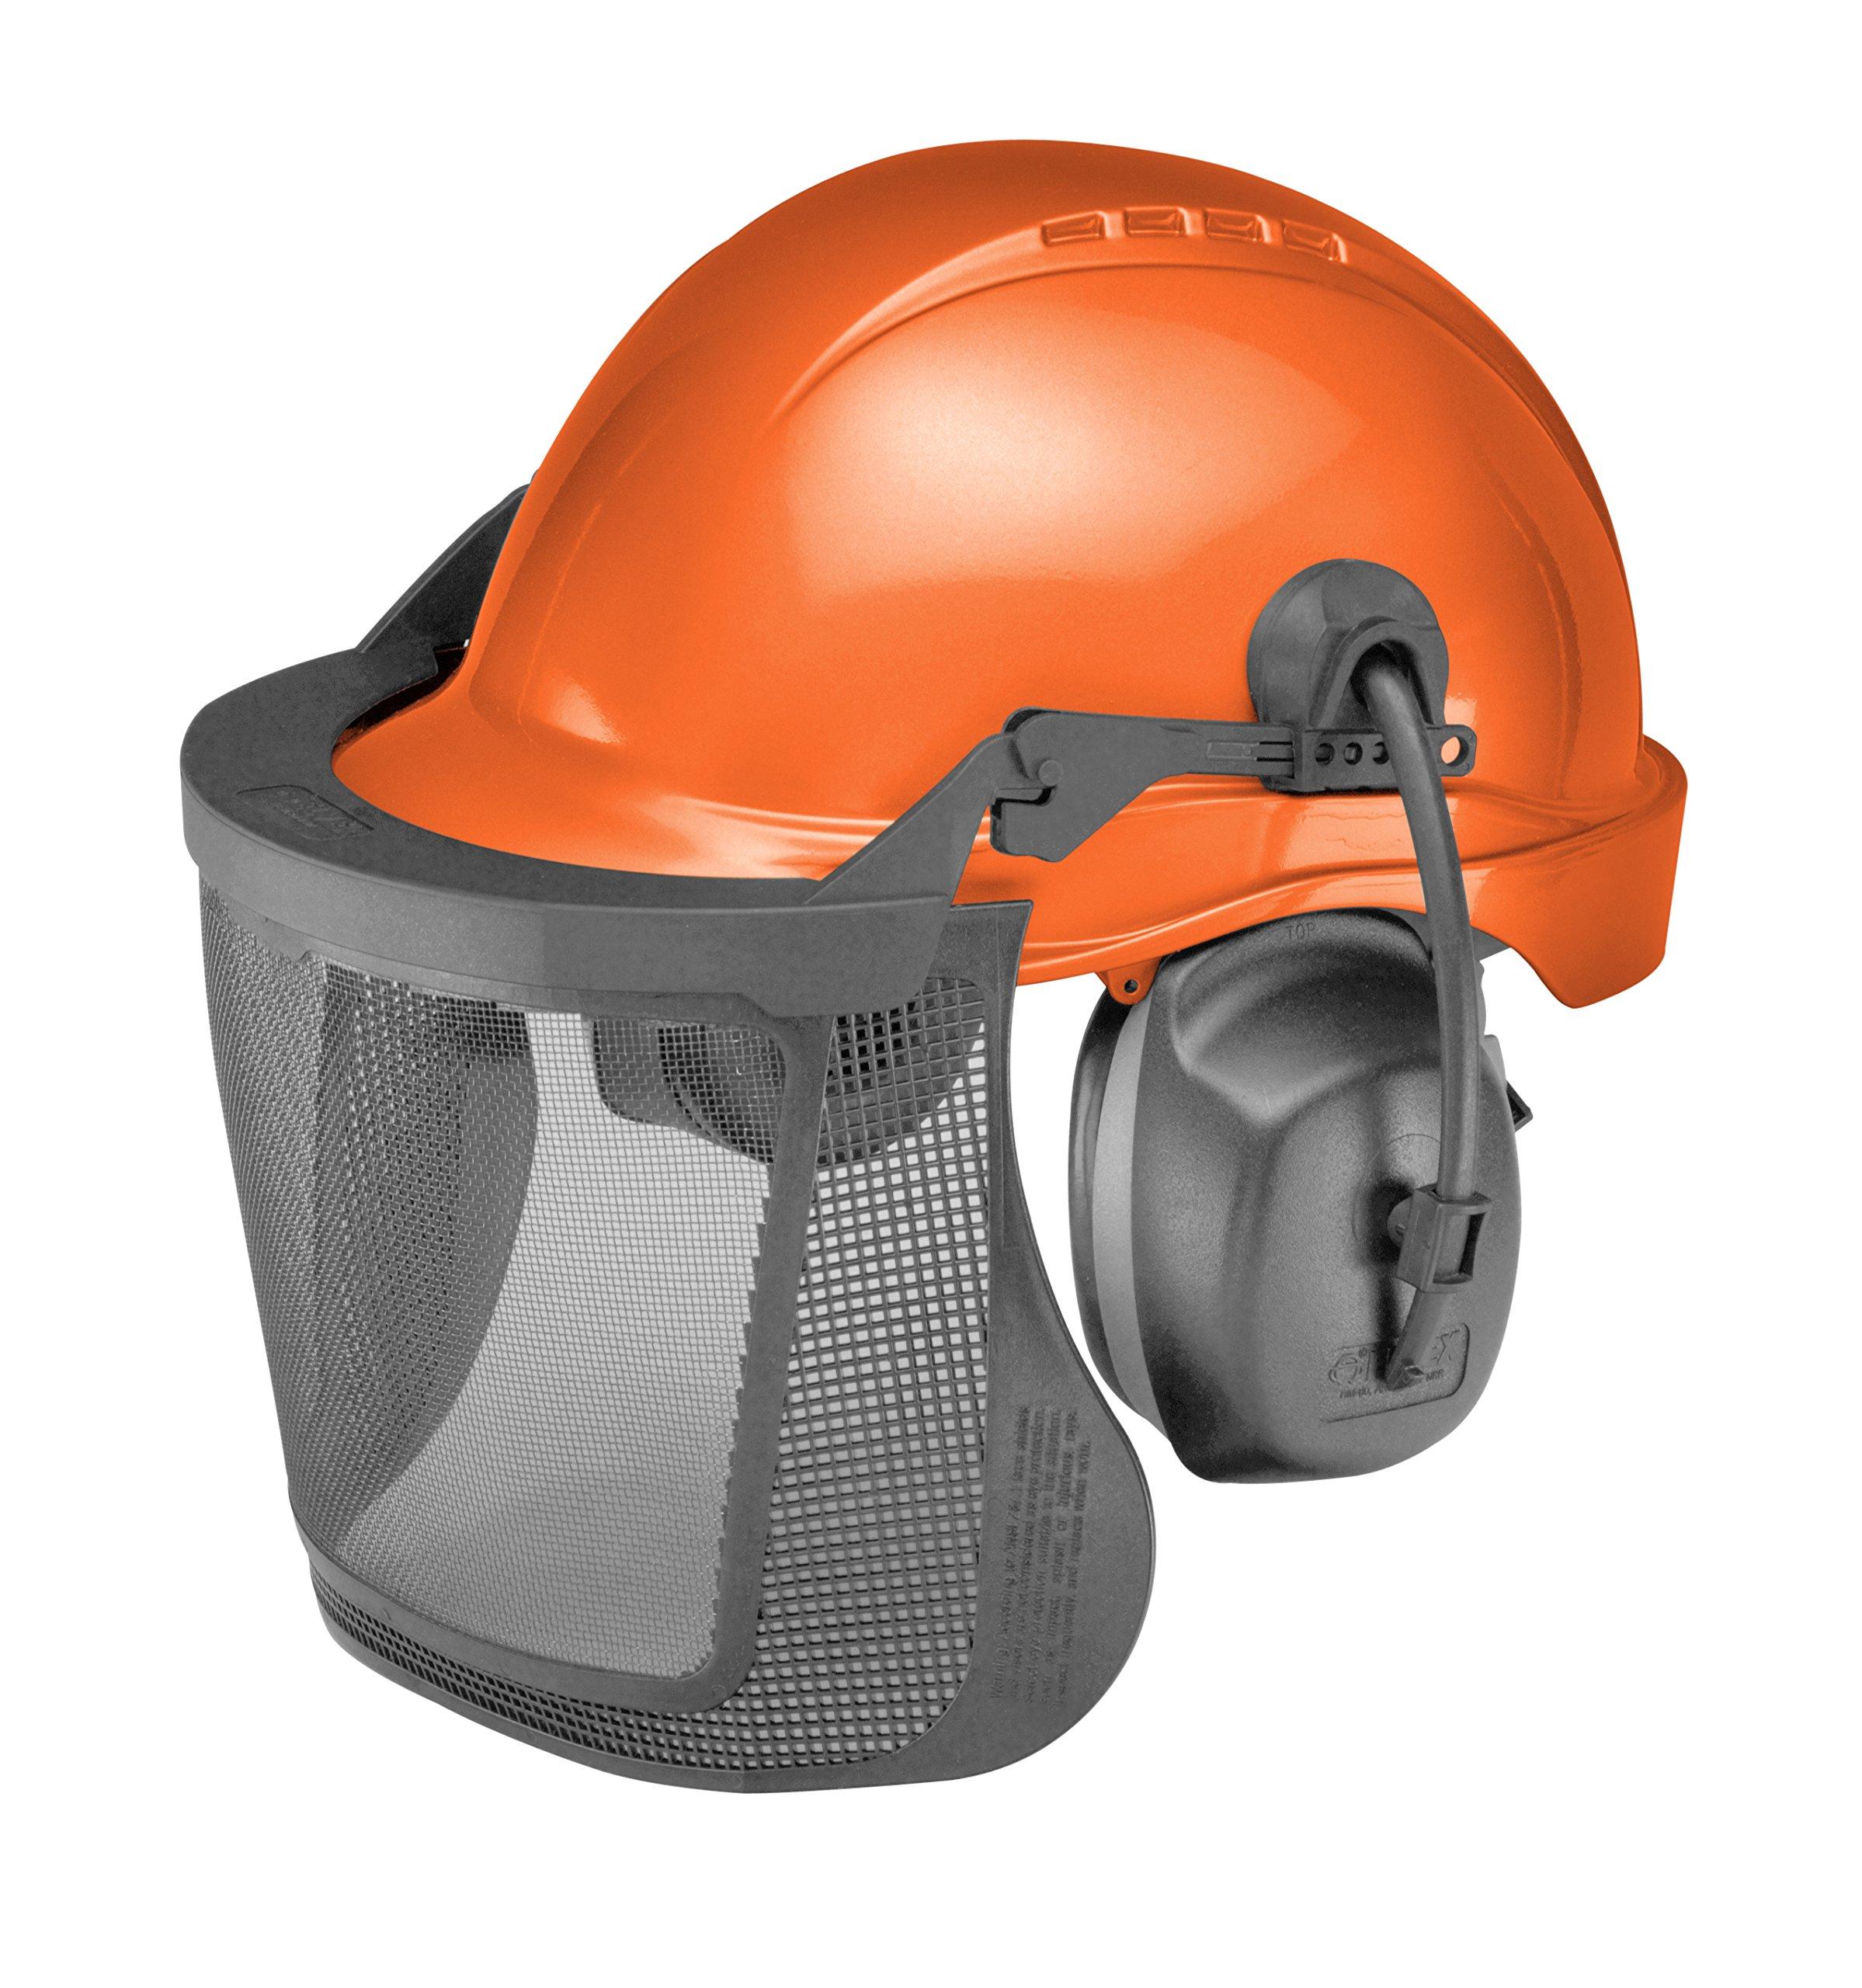 Elvex WELCU60RV ProGuard 6-pt Ratchet Steel Mesh NRR 27, One Size, Orange Cap